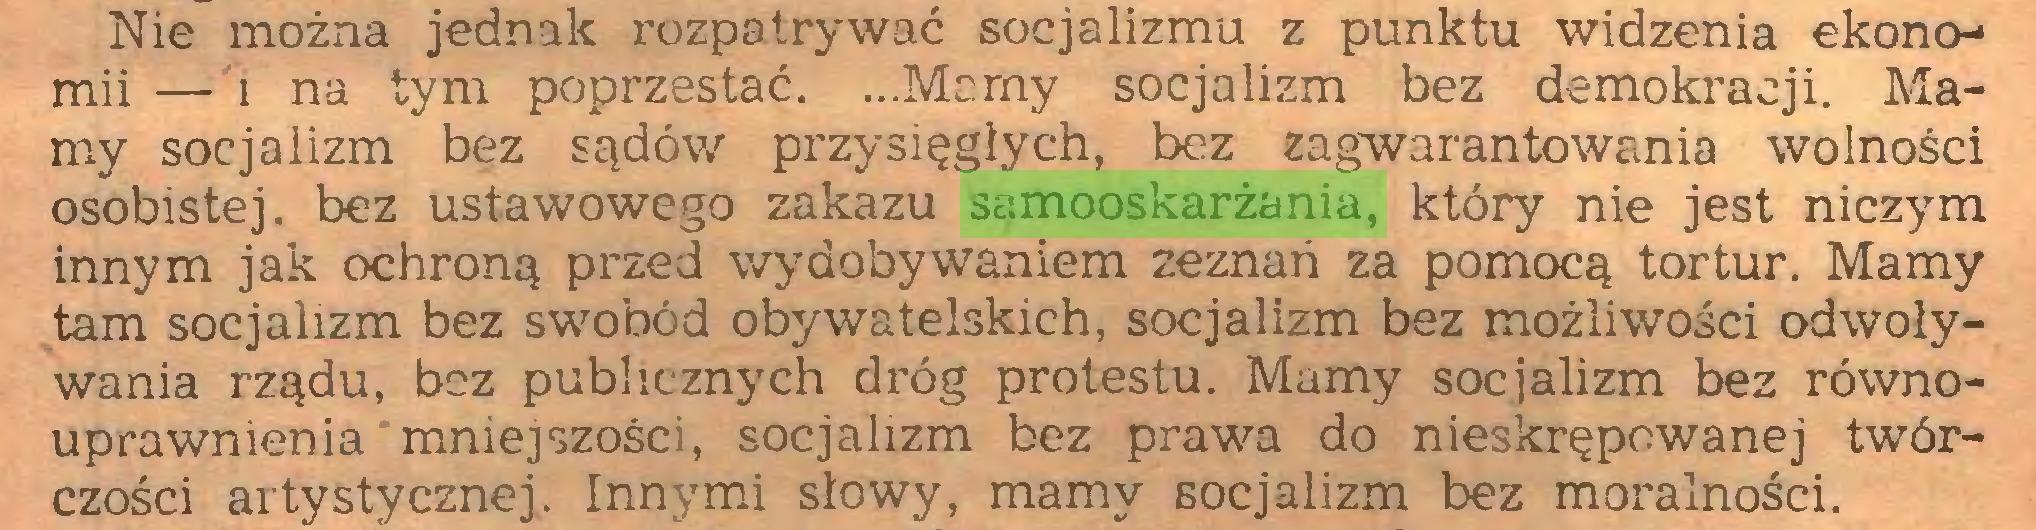 (...) Nie można jednak rozpatrywać socjalizmu z punktu widzenia ekonomii — i na tym poprzestać. ...Mamy socjalizm bez demokracji. Mamy socjalizm bez sądów przysięgłych, bez zagwarantowania wolności osobistej, bez ustawowego zakazu samooskarżania, który nie jest niczym innym jak ochroną przed wydobywaniem zeznań za pomocą tortur. Mamy tam socjalizm bez swobód obywatelskich, socjalizm bez możliwości odwoływania rządu, bez publicznych dróg protestu. Mamy socjalizm bez równouprawnienia mniejszości, socjalizm bez prawa do nieskrępowanej twórczości artystycznej. Innymi słowy, mamy socjalizm bez moralności...